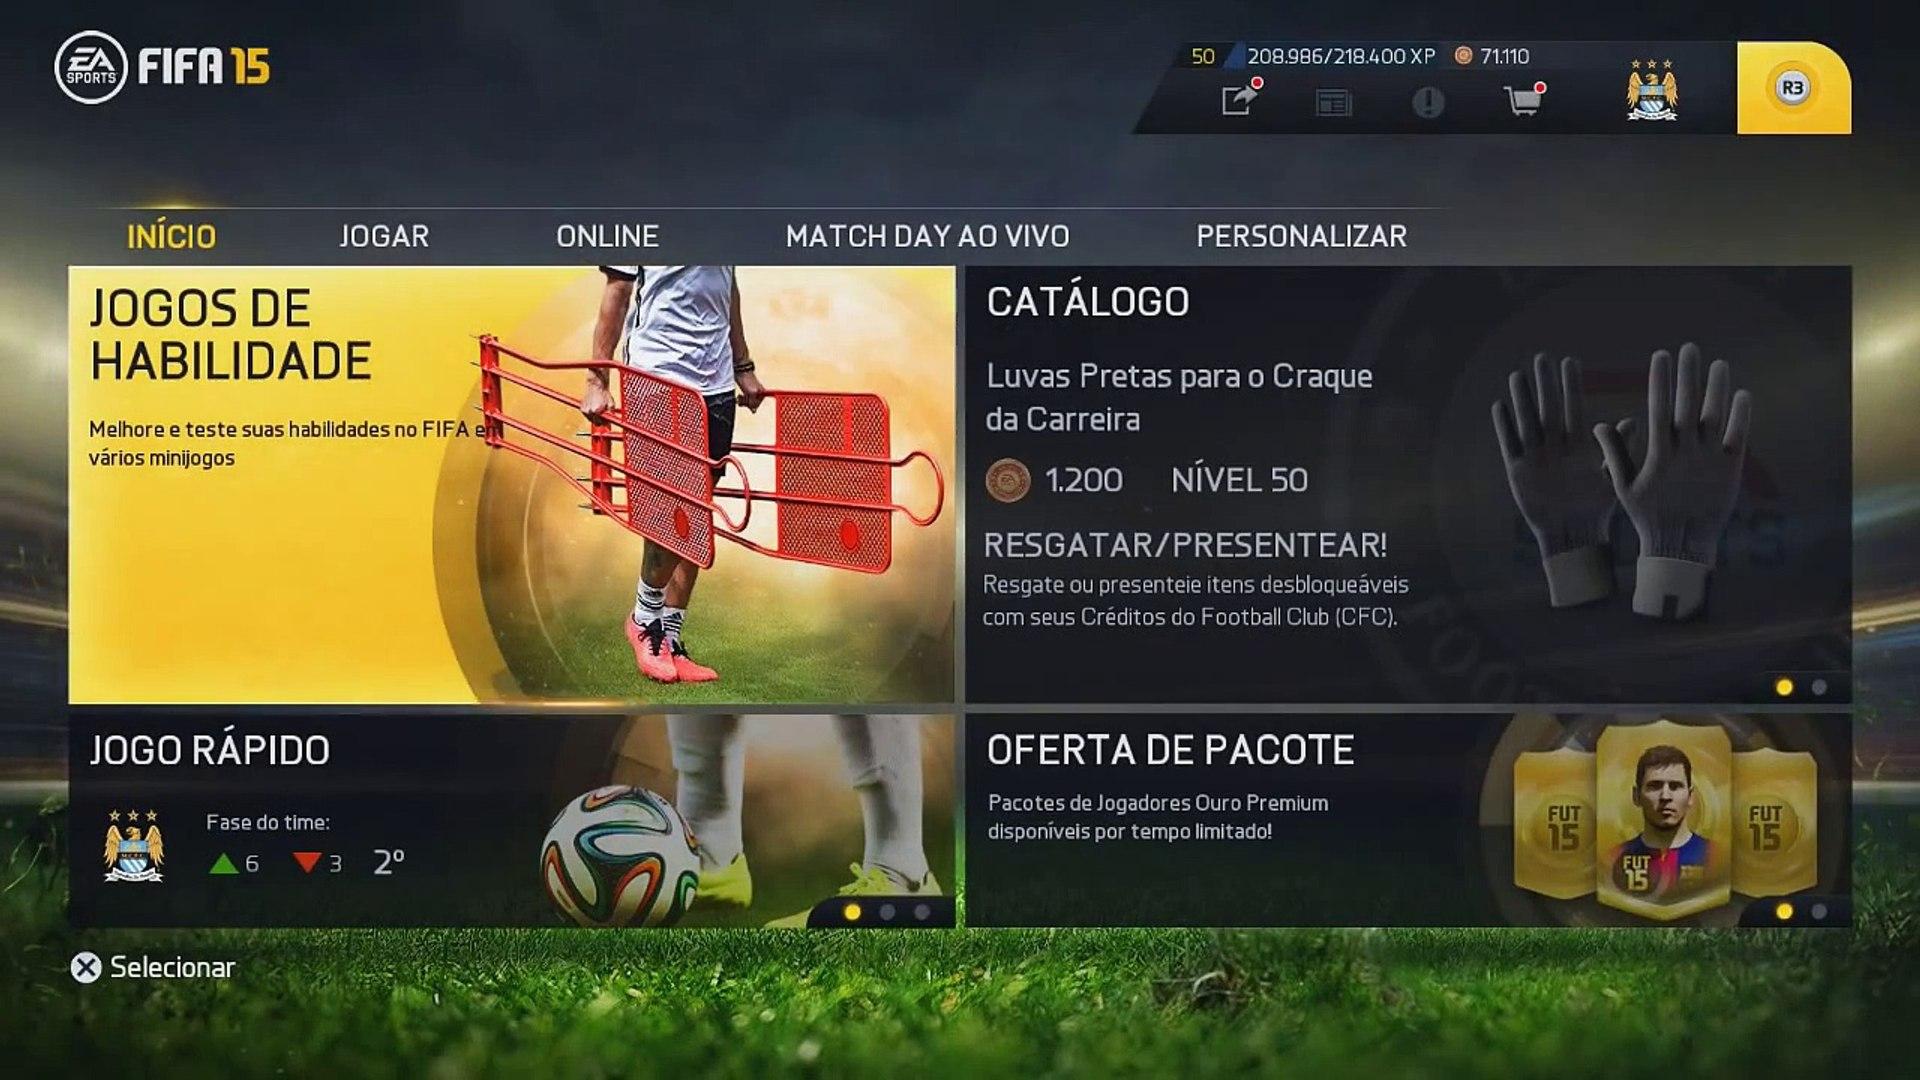 De nada o vale o jogo de videogame sem saber dar aqueles dribles... Aprenda a firular no FIFA 15!